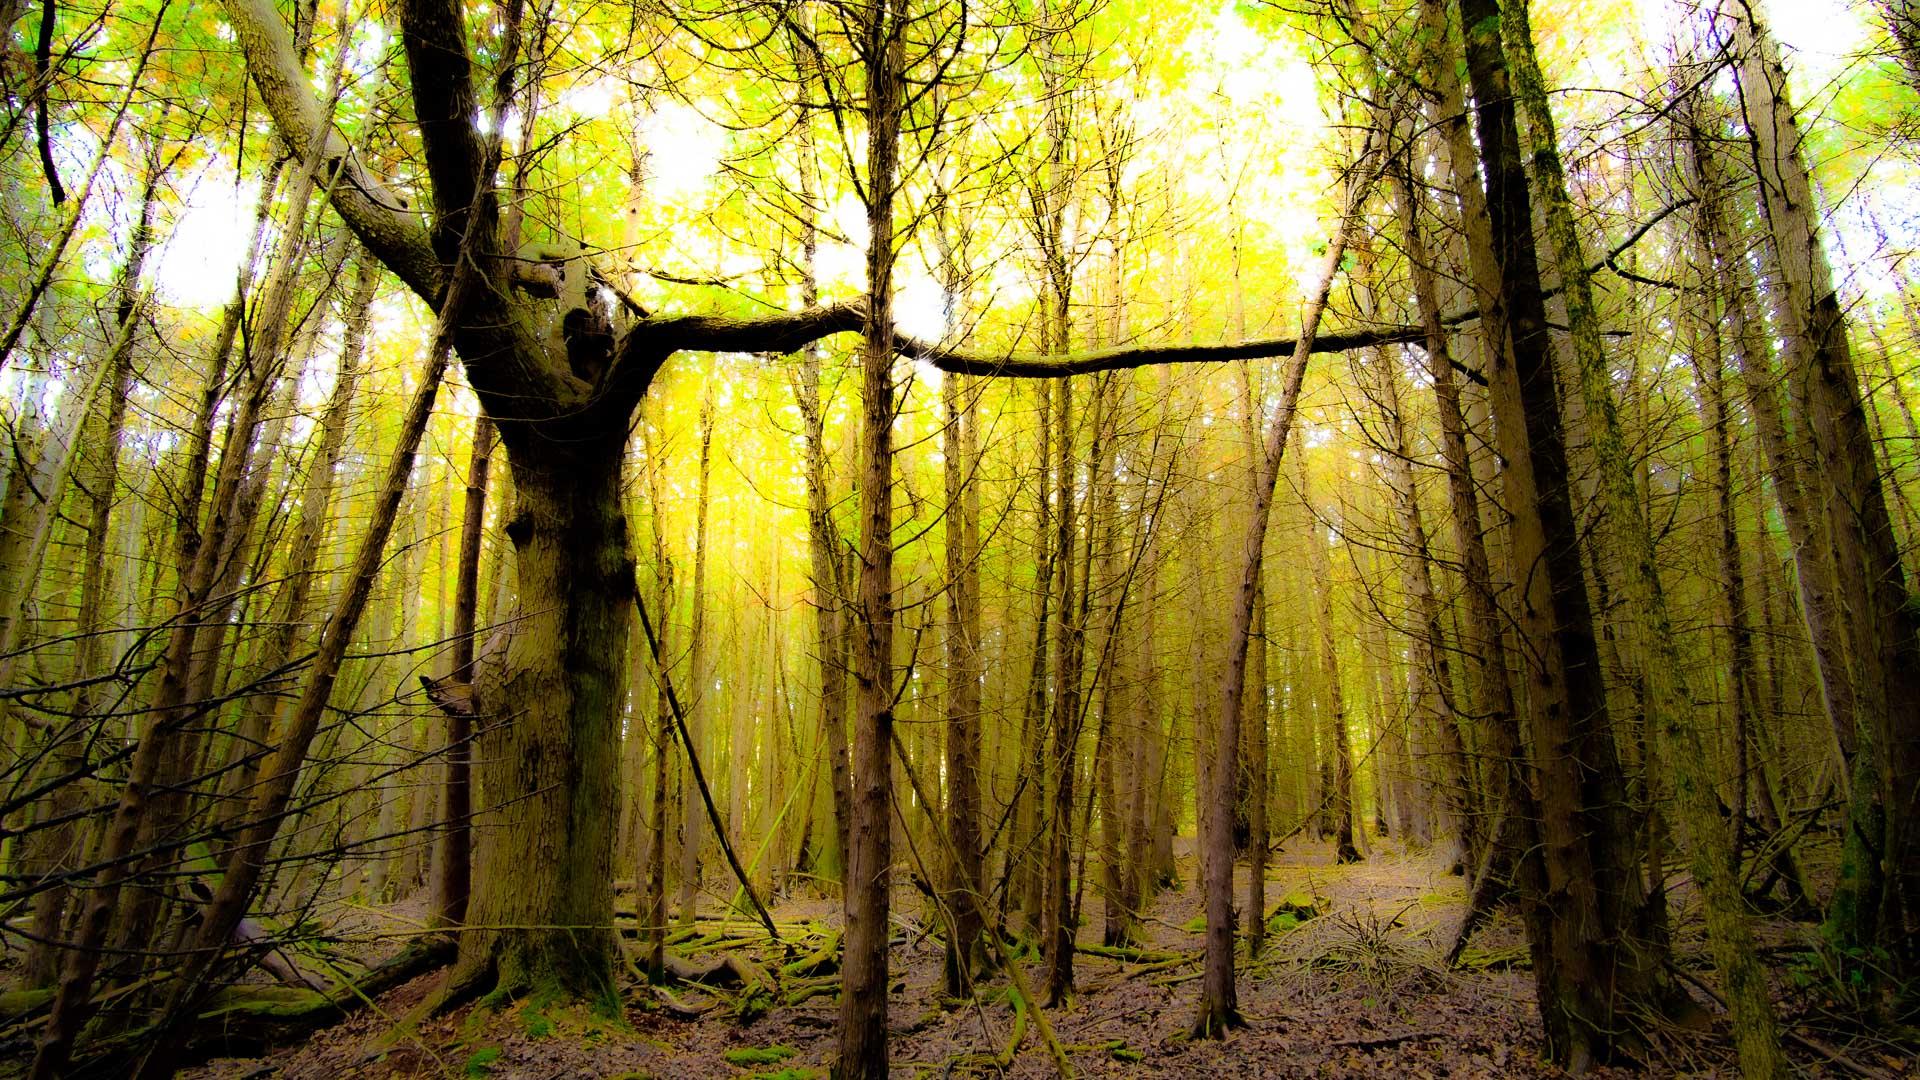 Trees on Acid